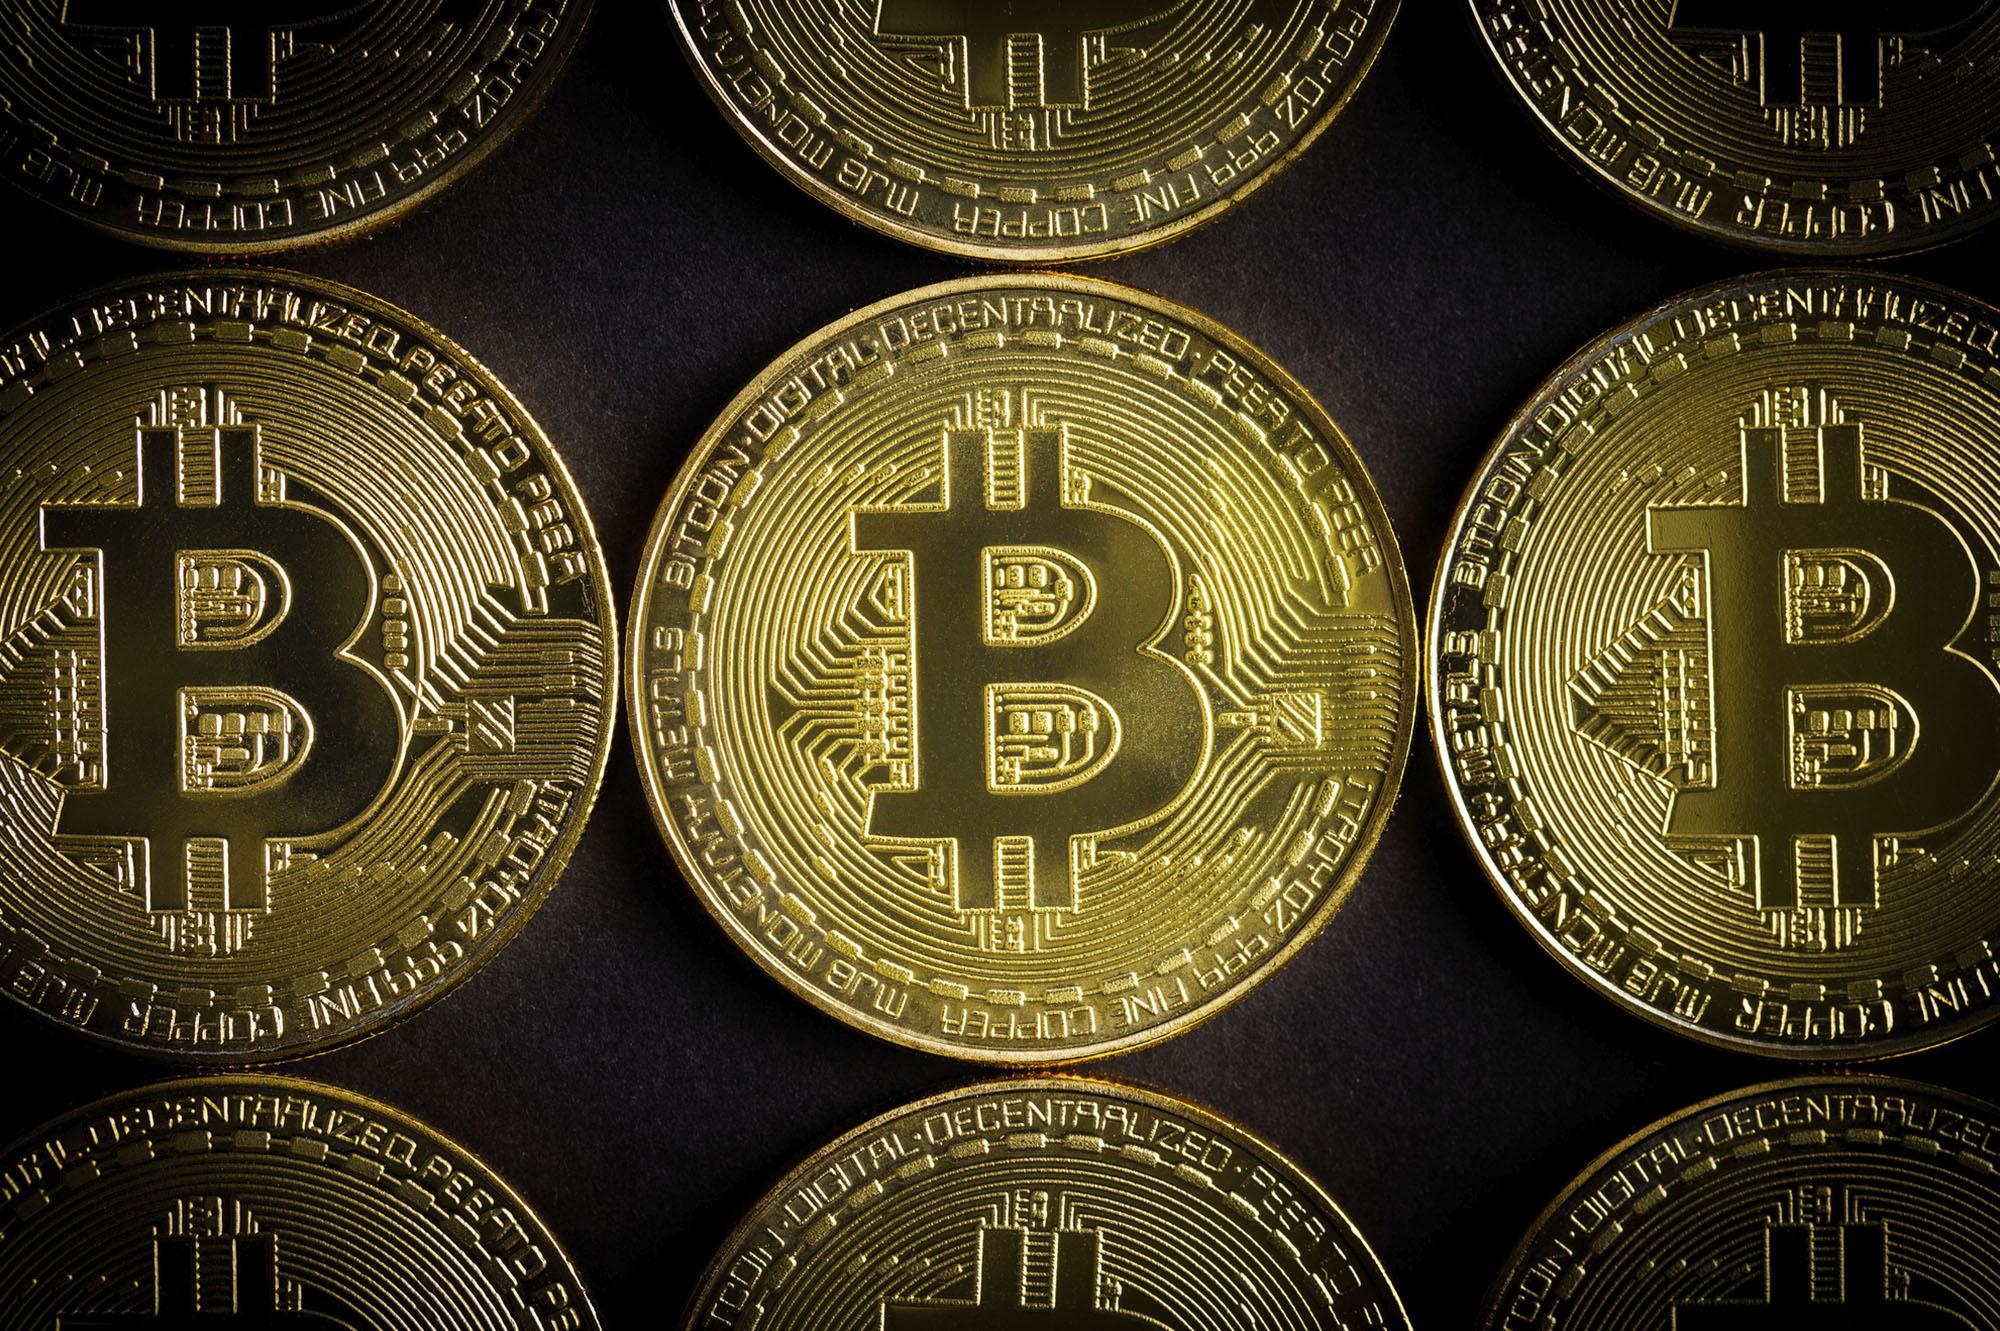 Enter the world of Bitcoin